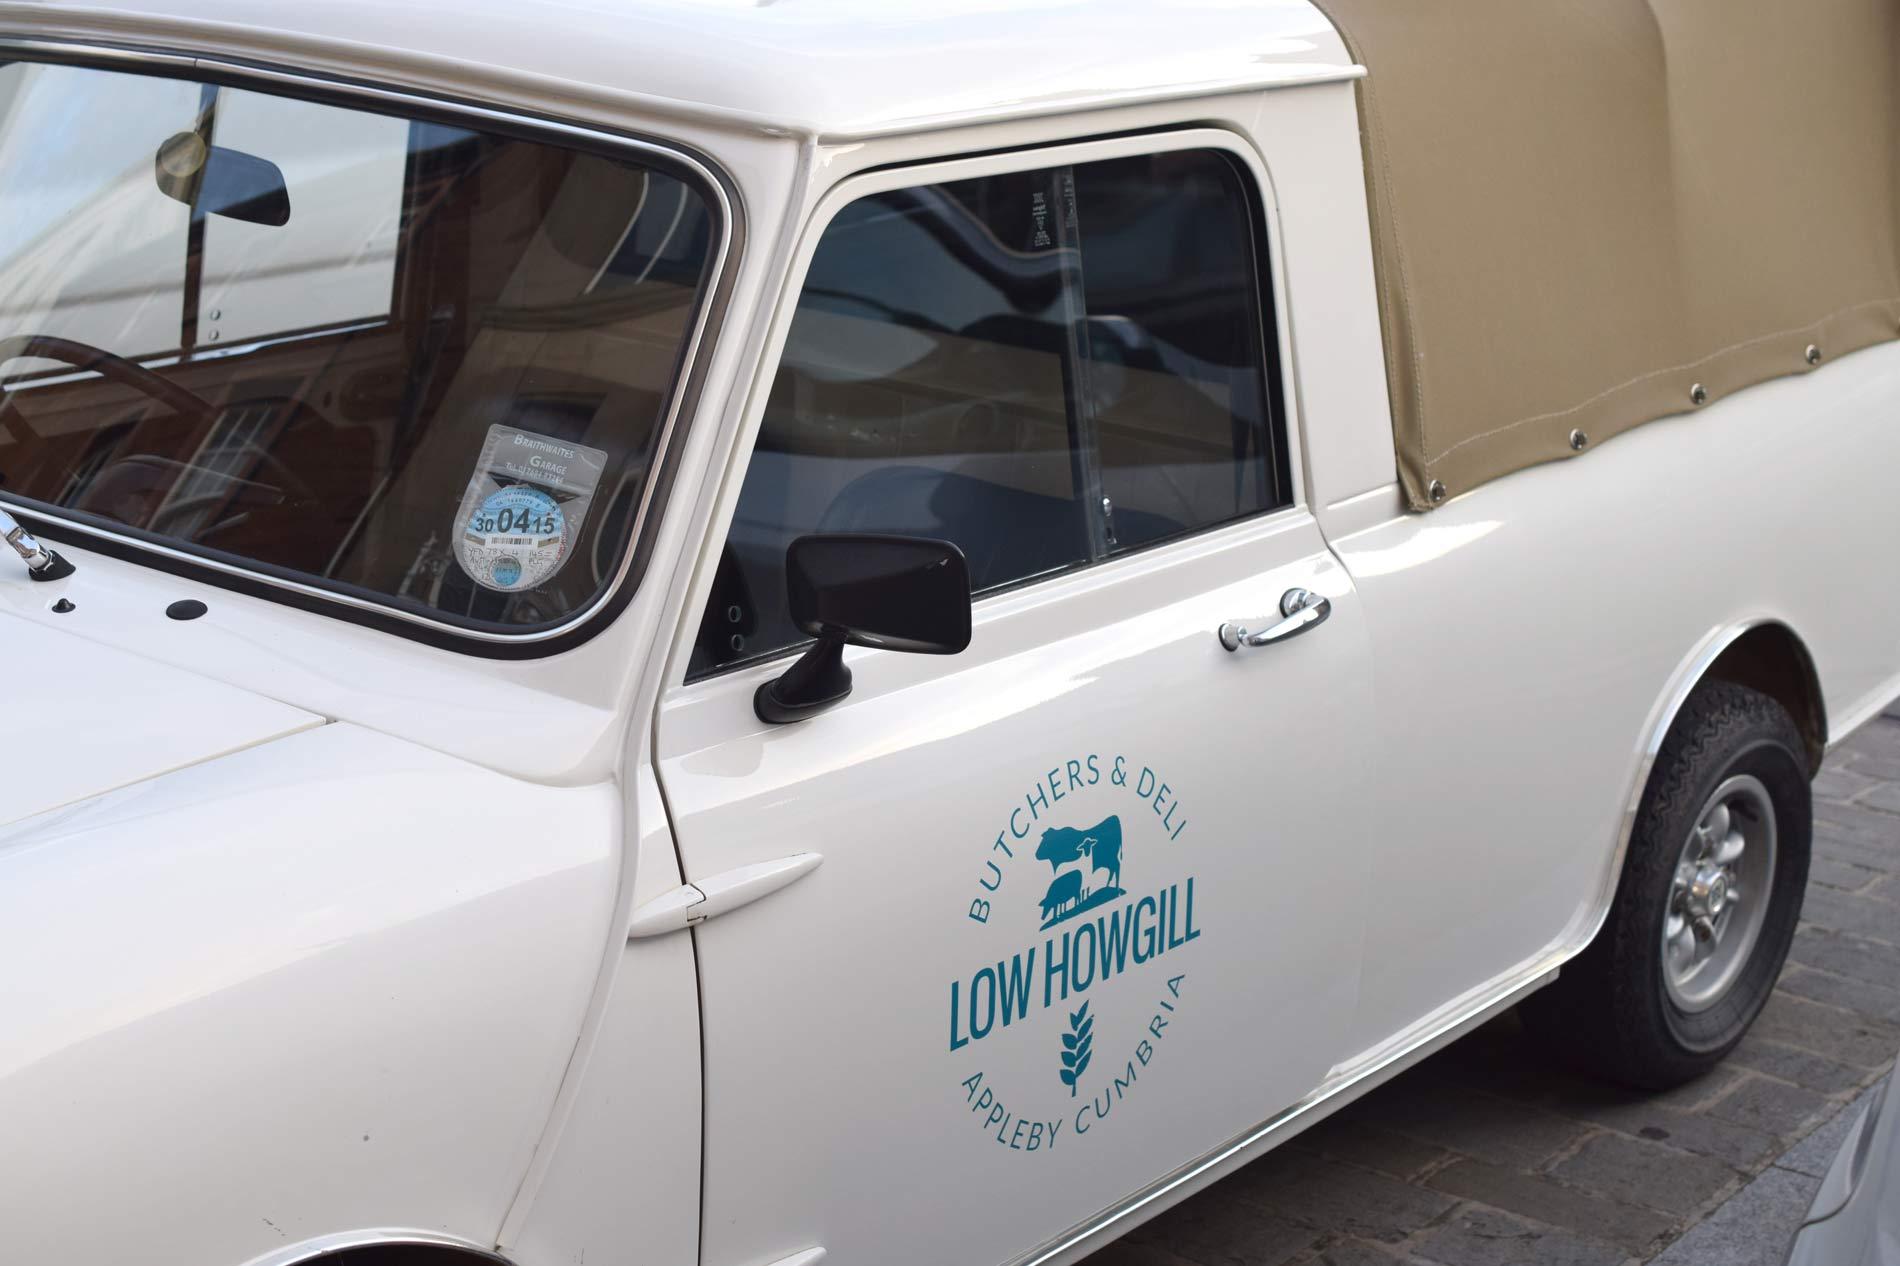 Low Howgill Butcher & Deli, Appleby, Cumbria logo branded mini design